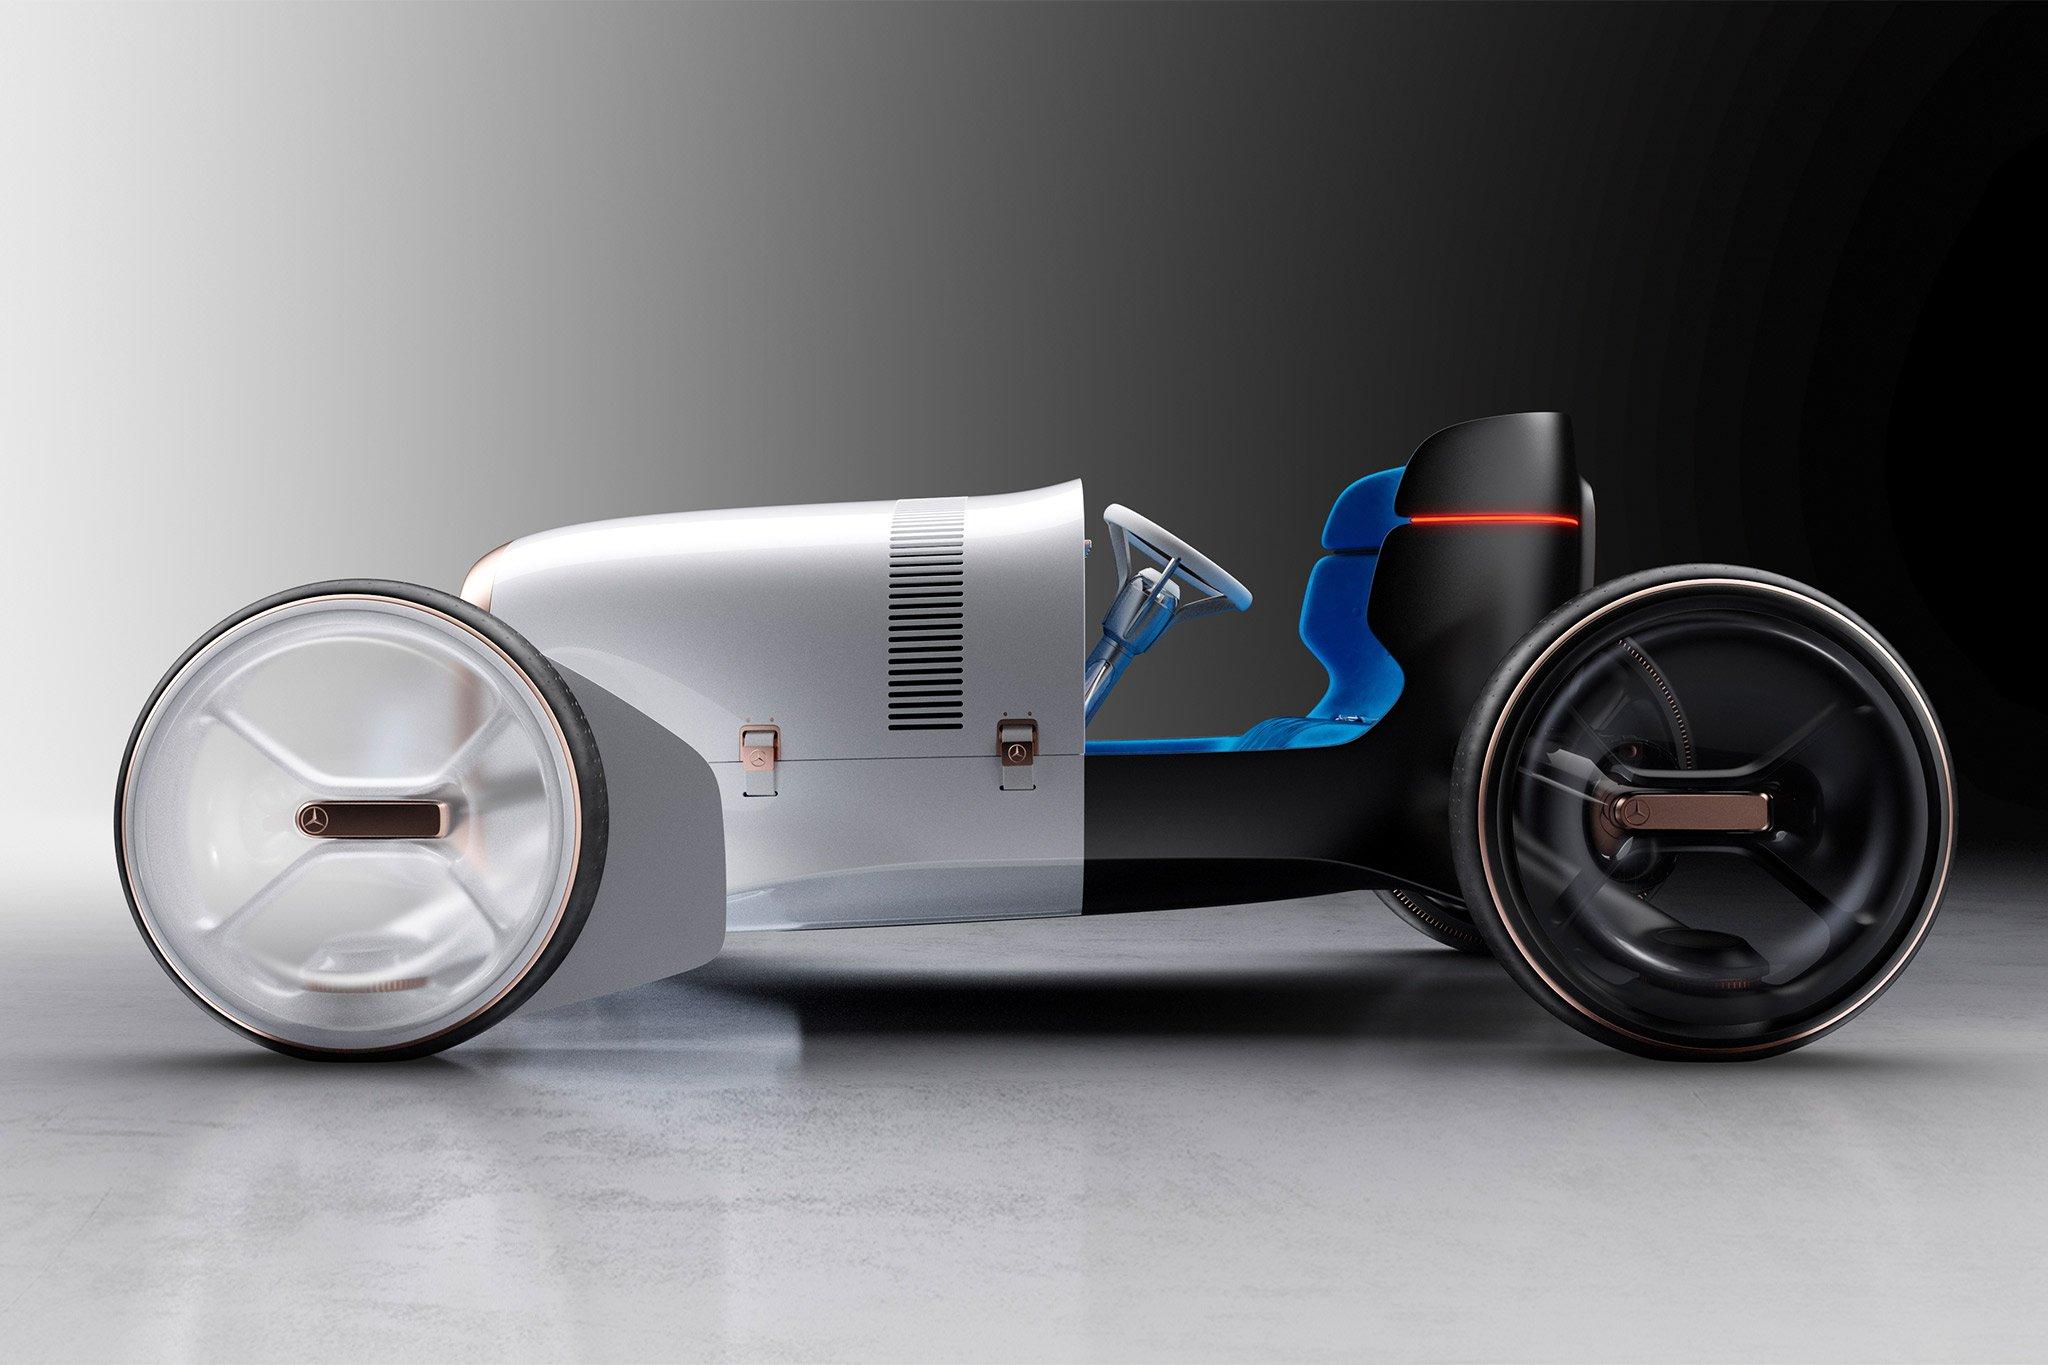 Mercedes-Benz trình làng concept xe tương lai mới có thiết kế hoài cổ-1